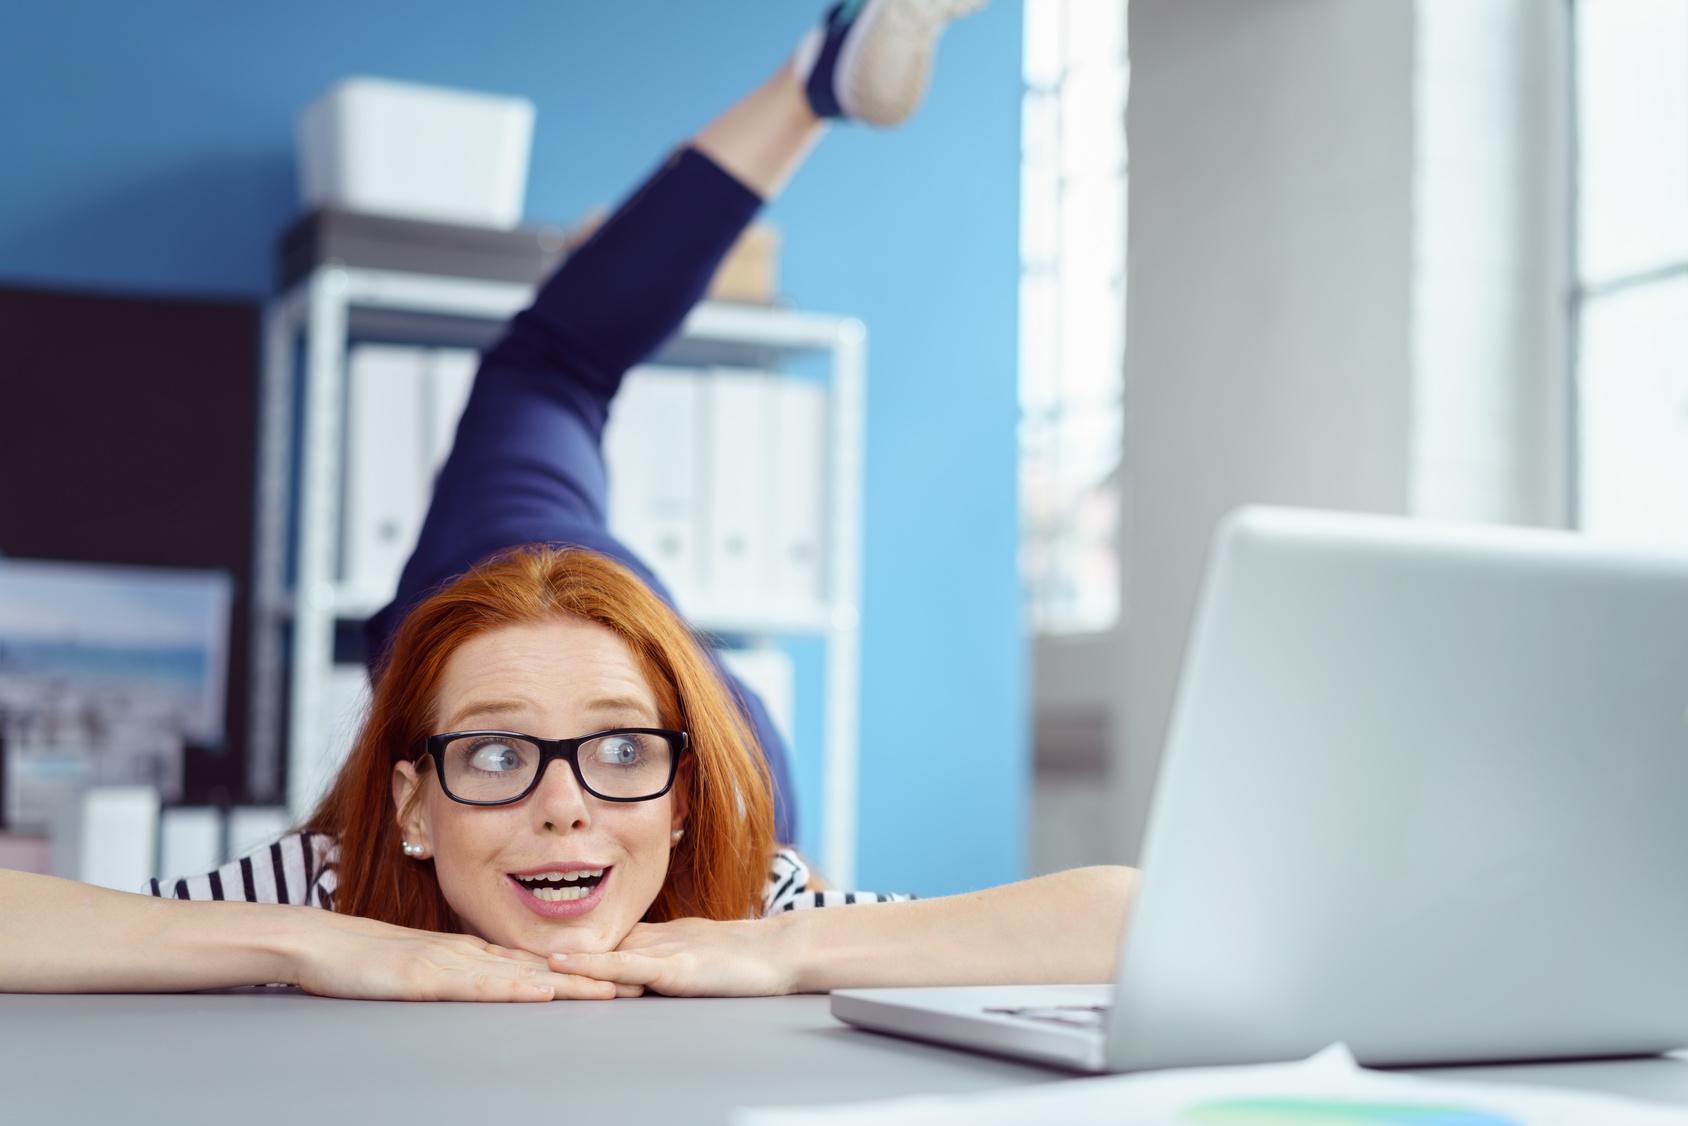 Les exercices pour se muscler au bureau